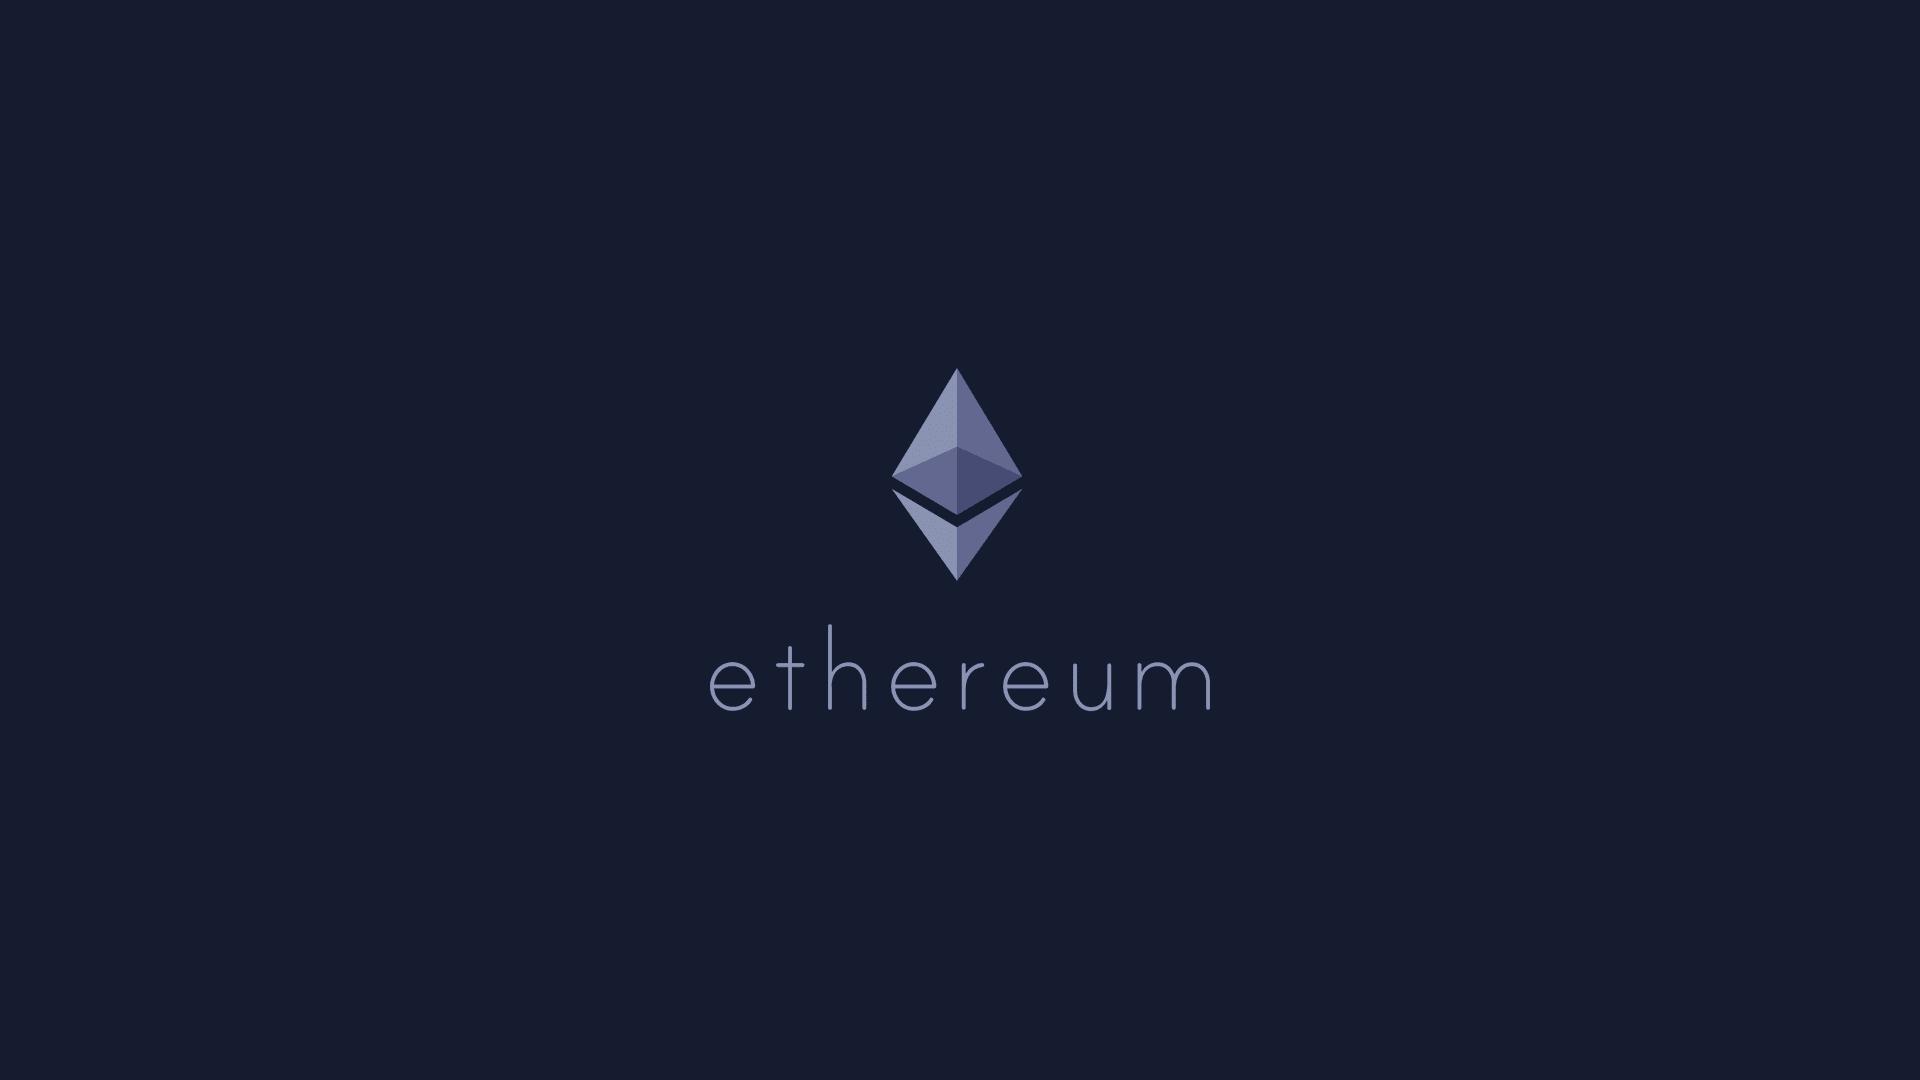 Au fait, pourquoi l'Ethereum s'appelle l'Ethereum ?